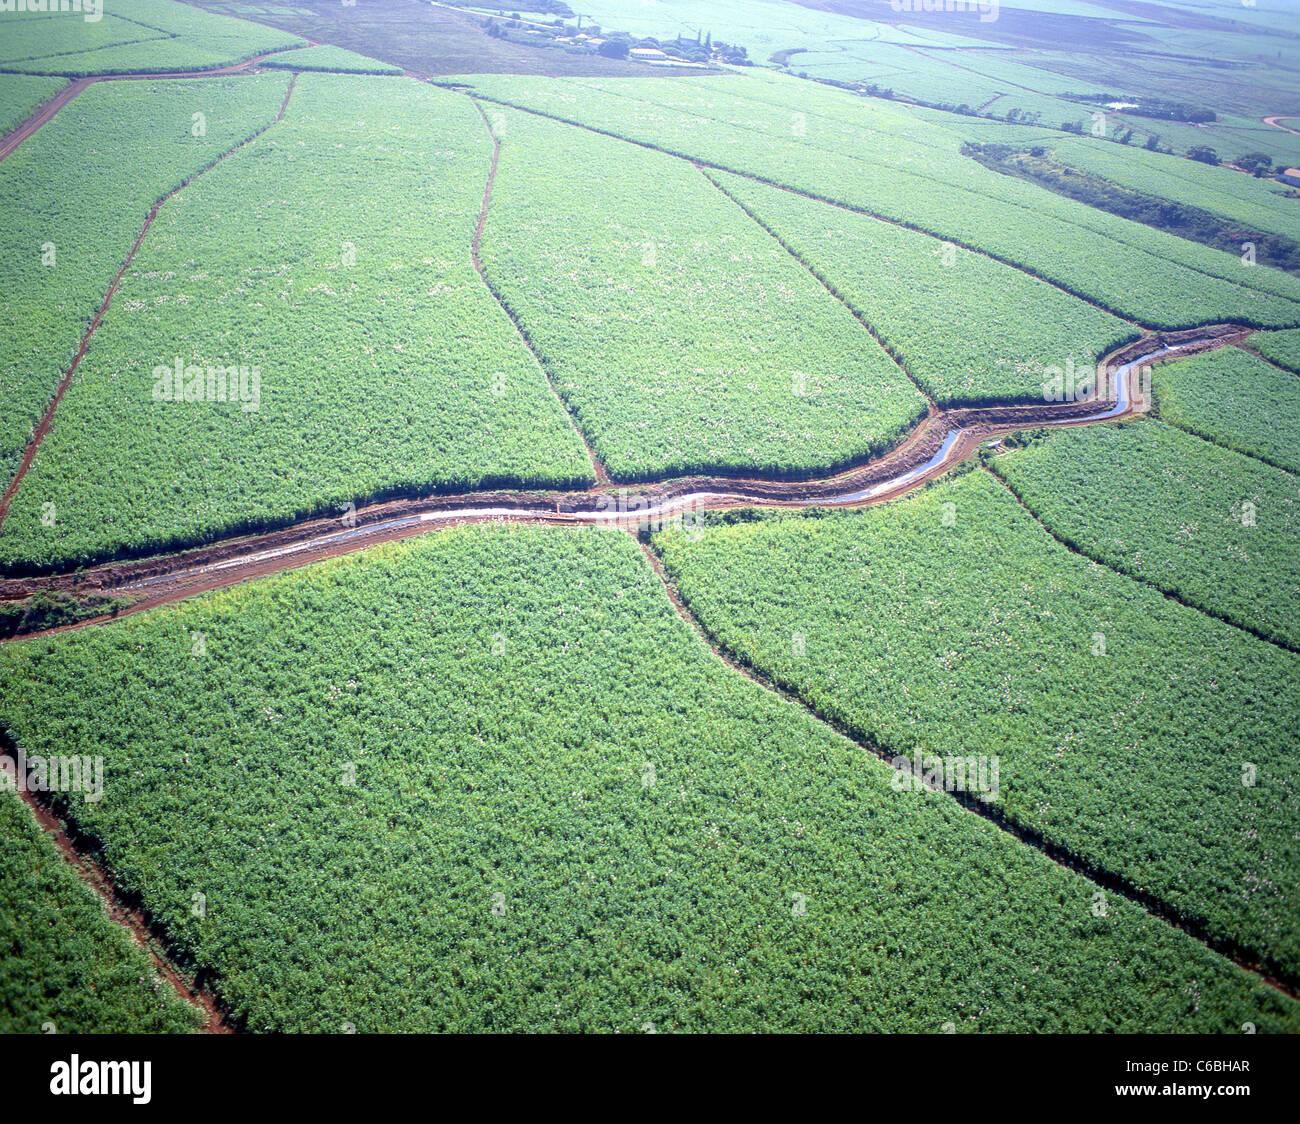 Vista aérea de plantaciones de piña, Oahu, Hawaii, Estados Unidos de América Imagen De Stock